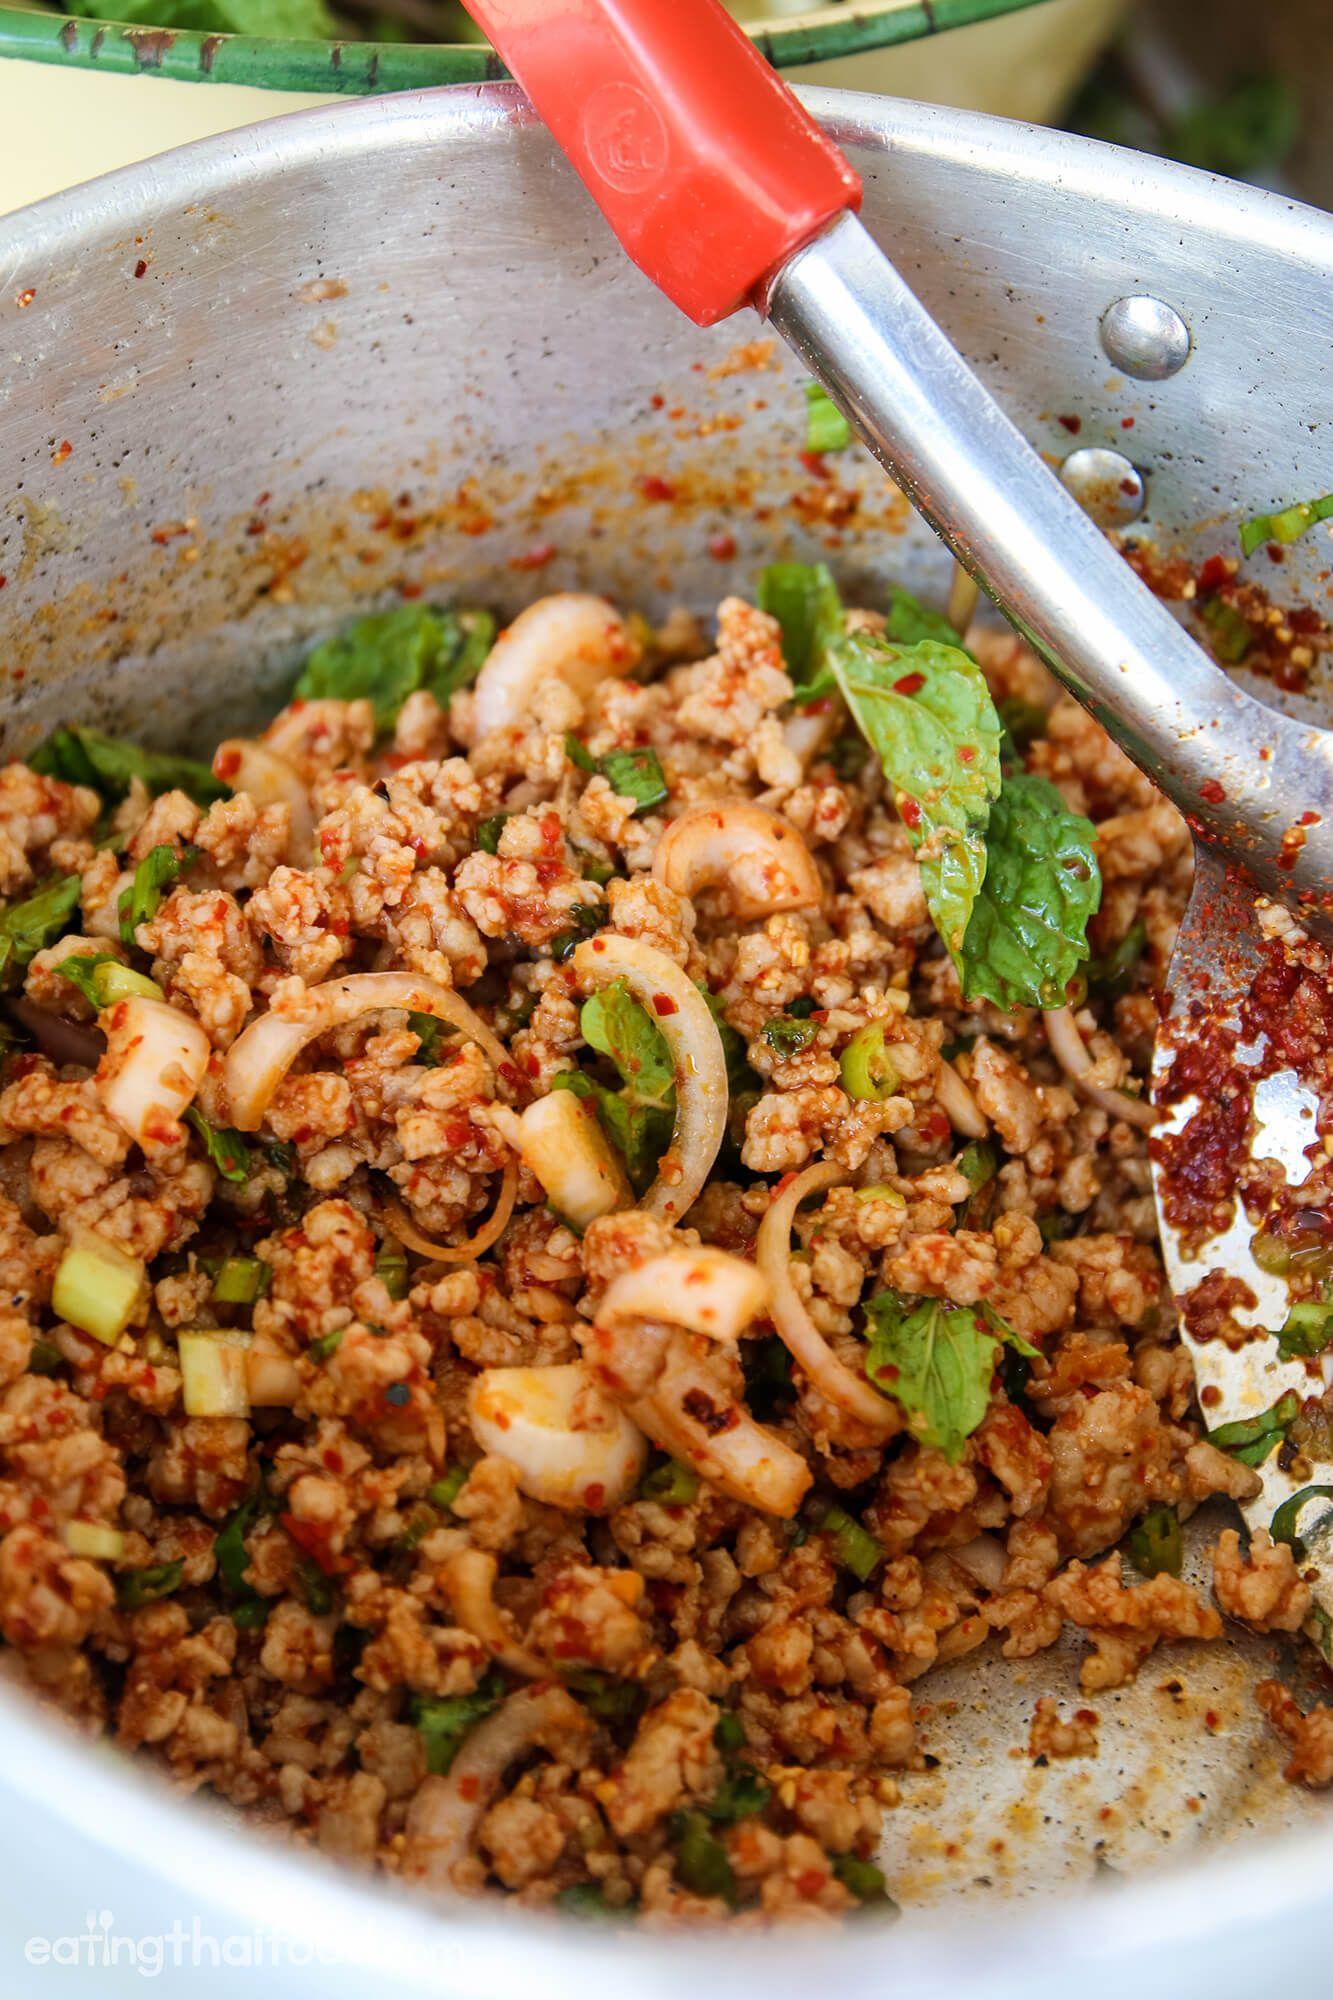 Thai larb recipe (larb moo ลาบหมู) – Authentic Thai Style